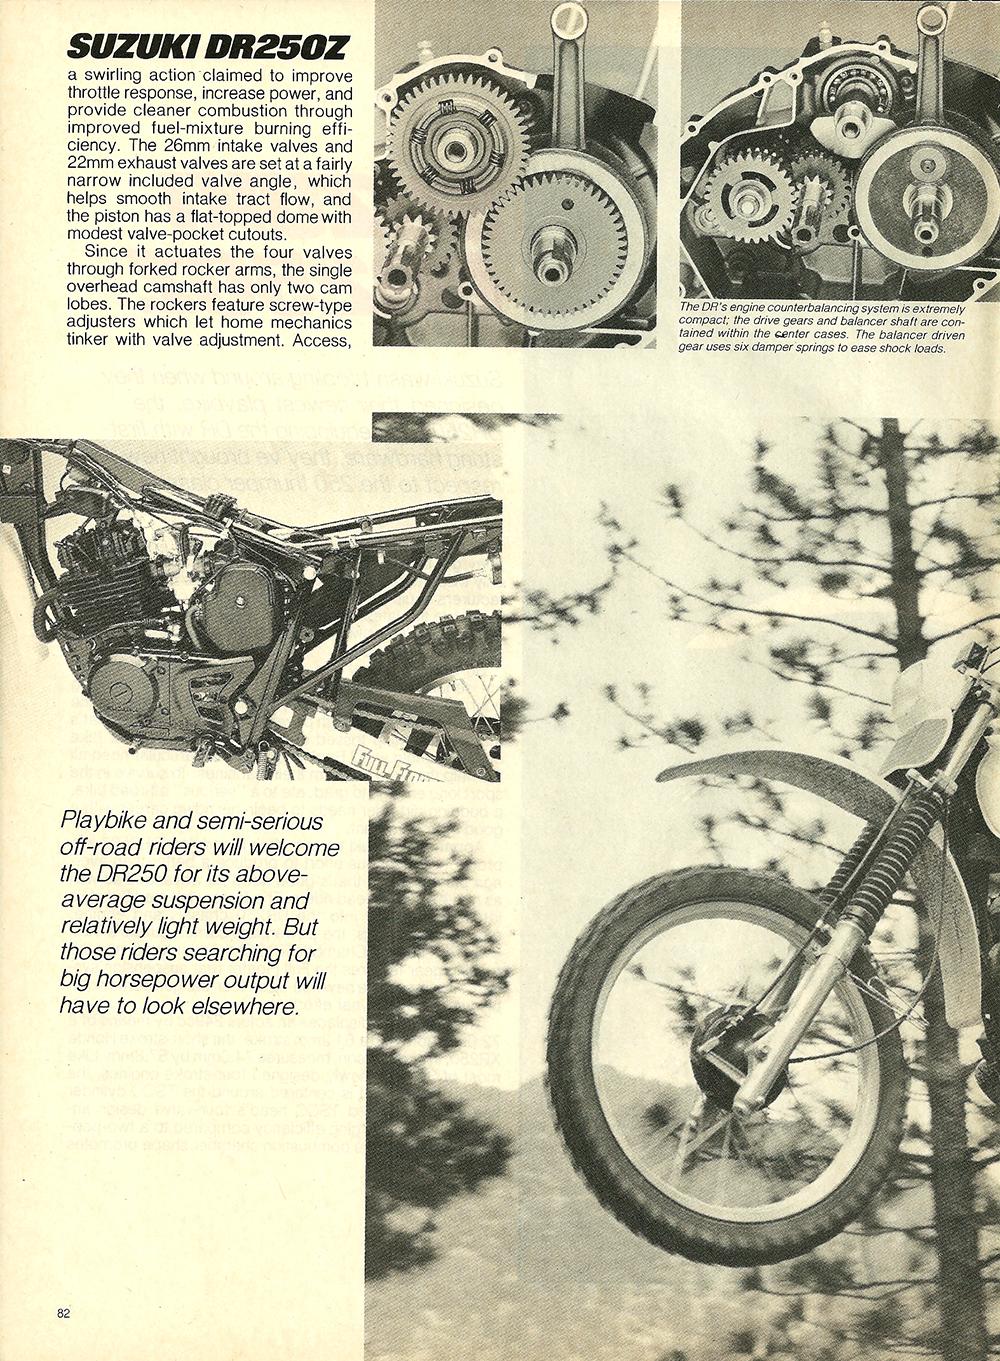 1982 Suzuki DR250Z road test 3.jpg